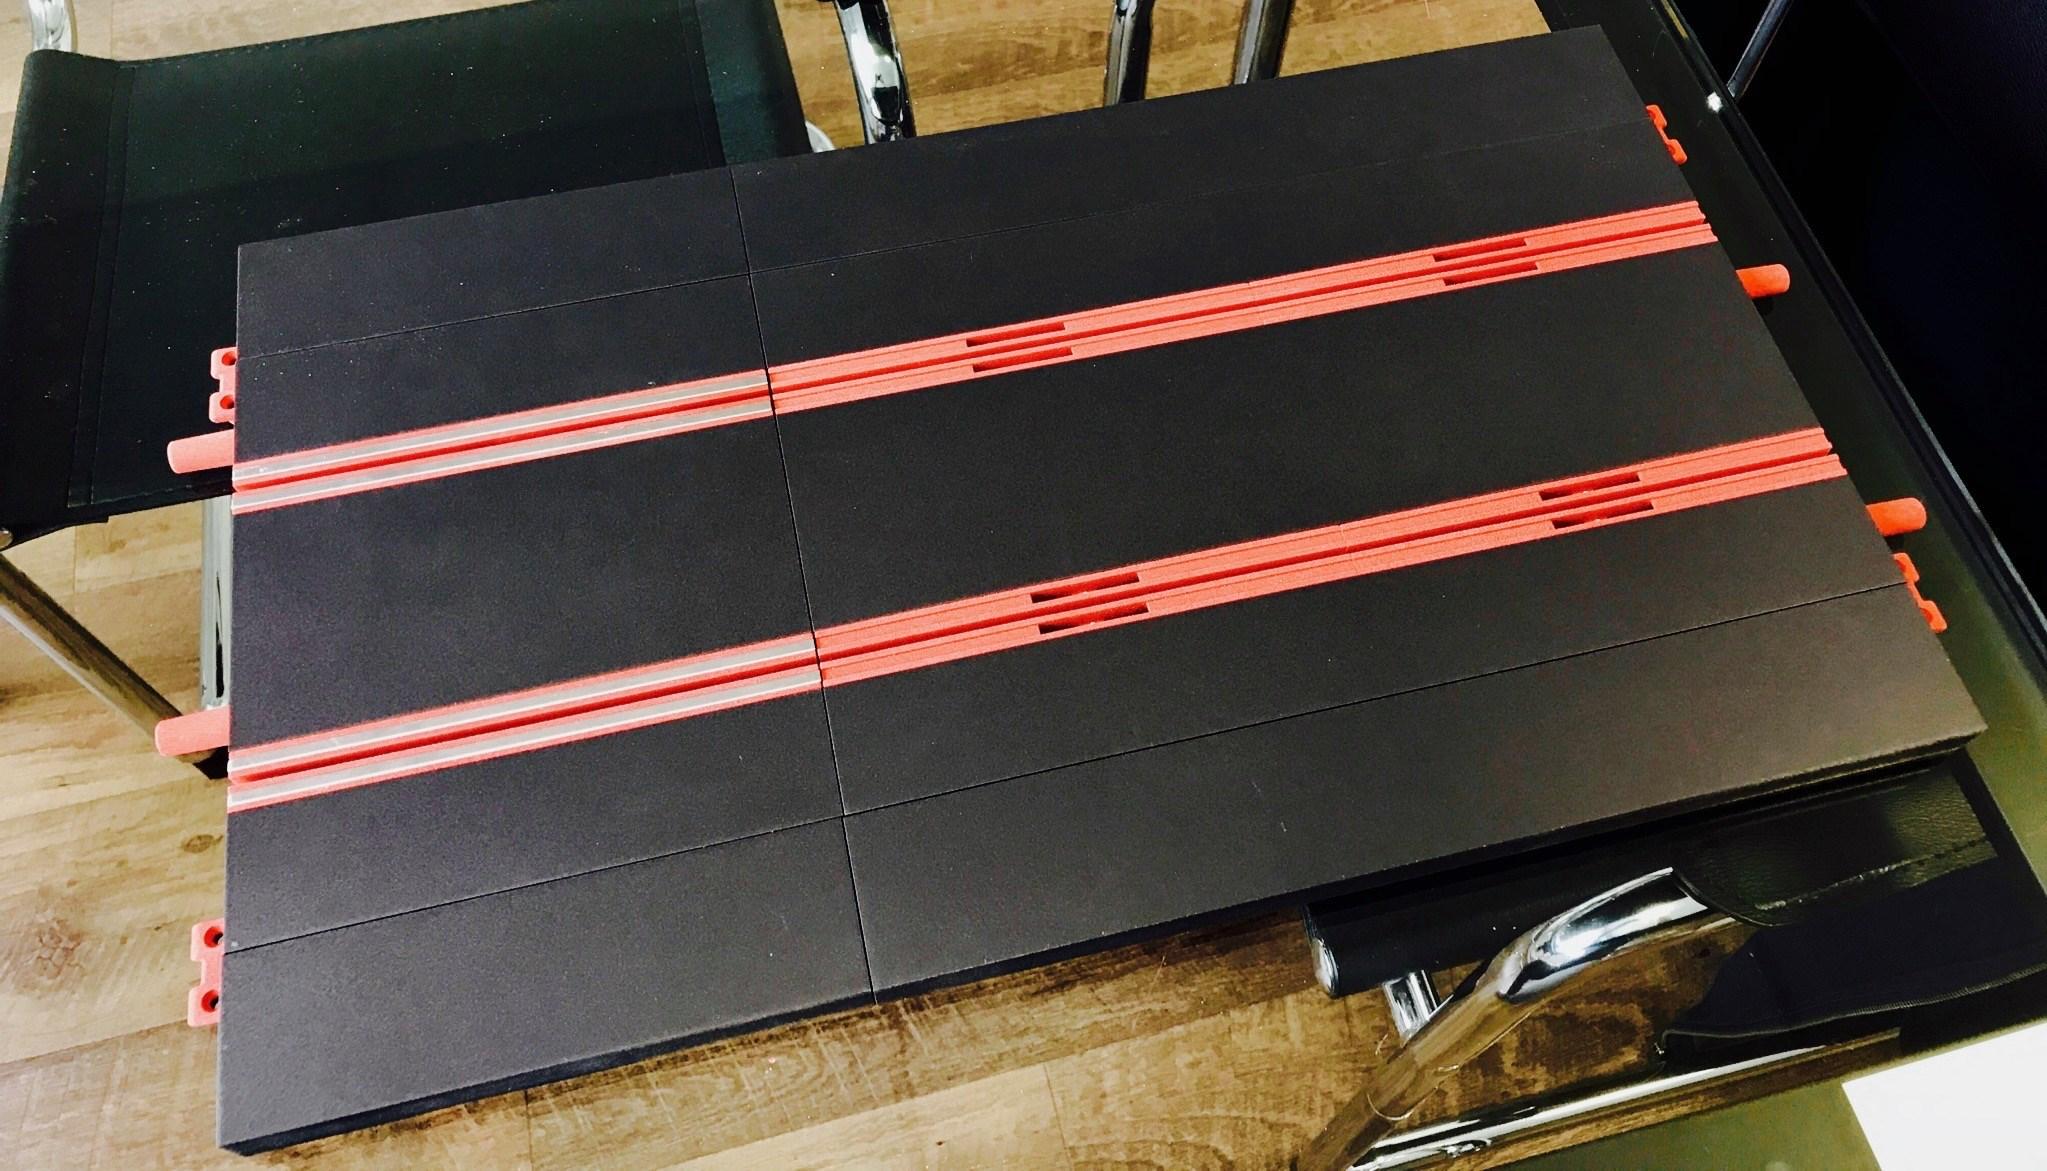 Harrel Racing Standard: Des rails innovantes pour circuits routiers électriques